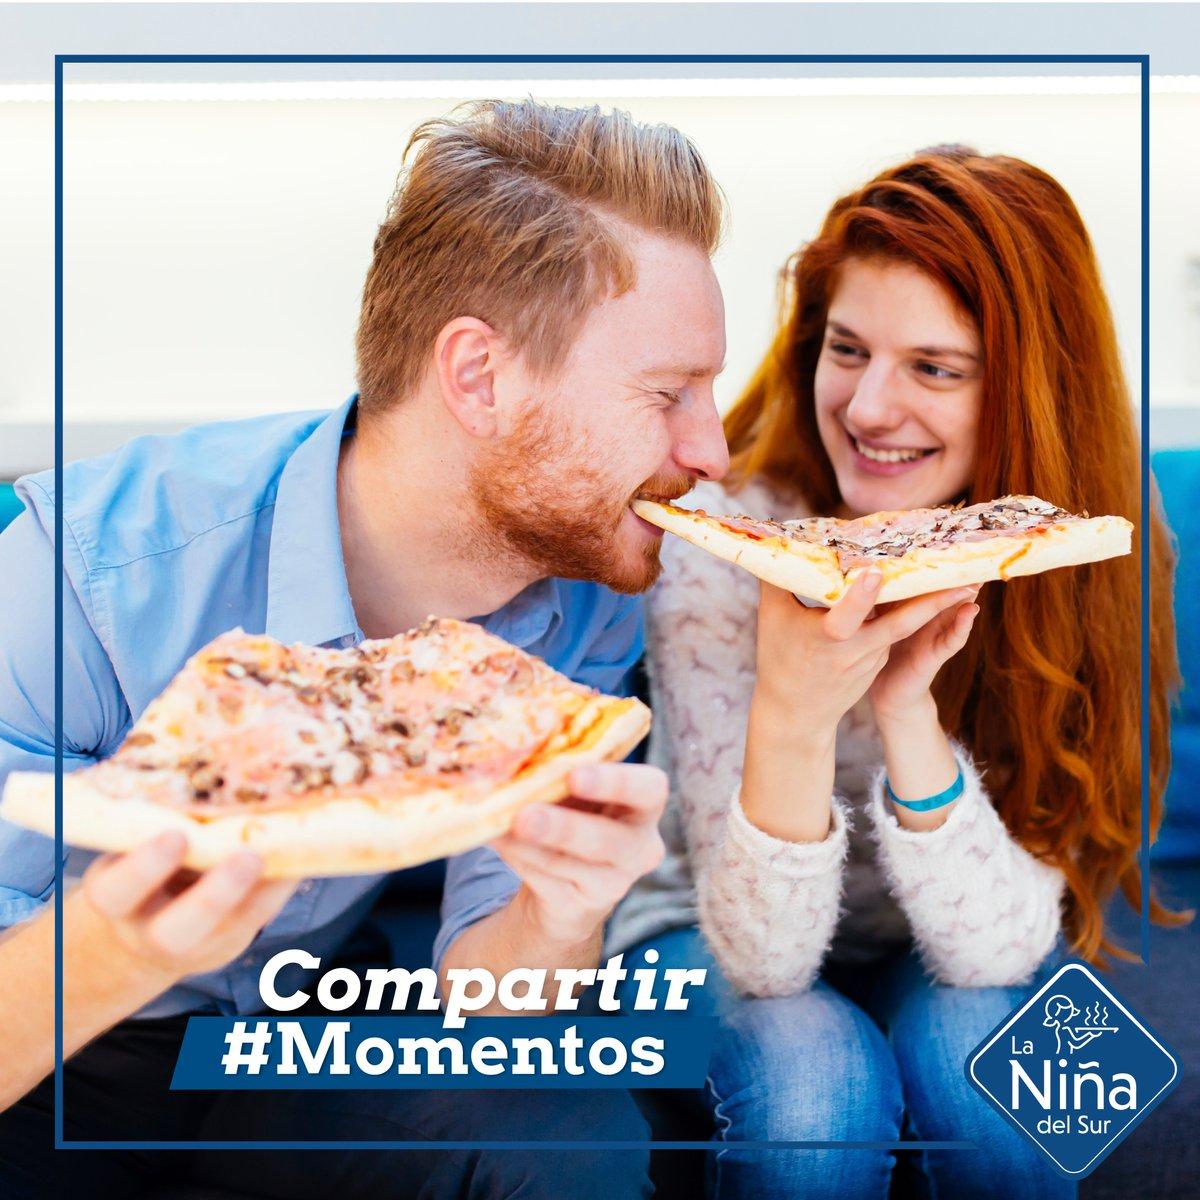 Compartir el momento y compartir tu pizza hacen que un miércoles normal sea muy especial. Nuestras pizzas Barbacoa, Kebab, Margarita,.., perfectas para ello 🍕😋. ¿A quién le darás un trocito de tu pizza favorita?😍 #Pizza #Pizzalover #PizzaTime #yummy